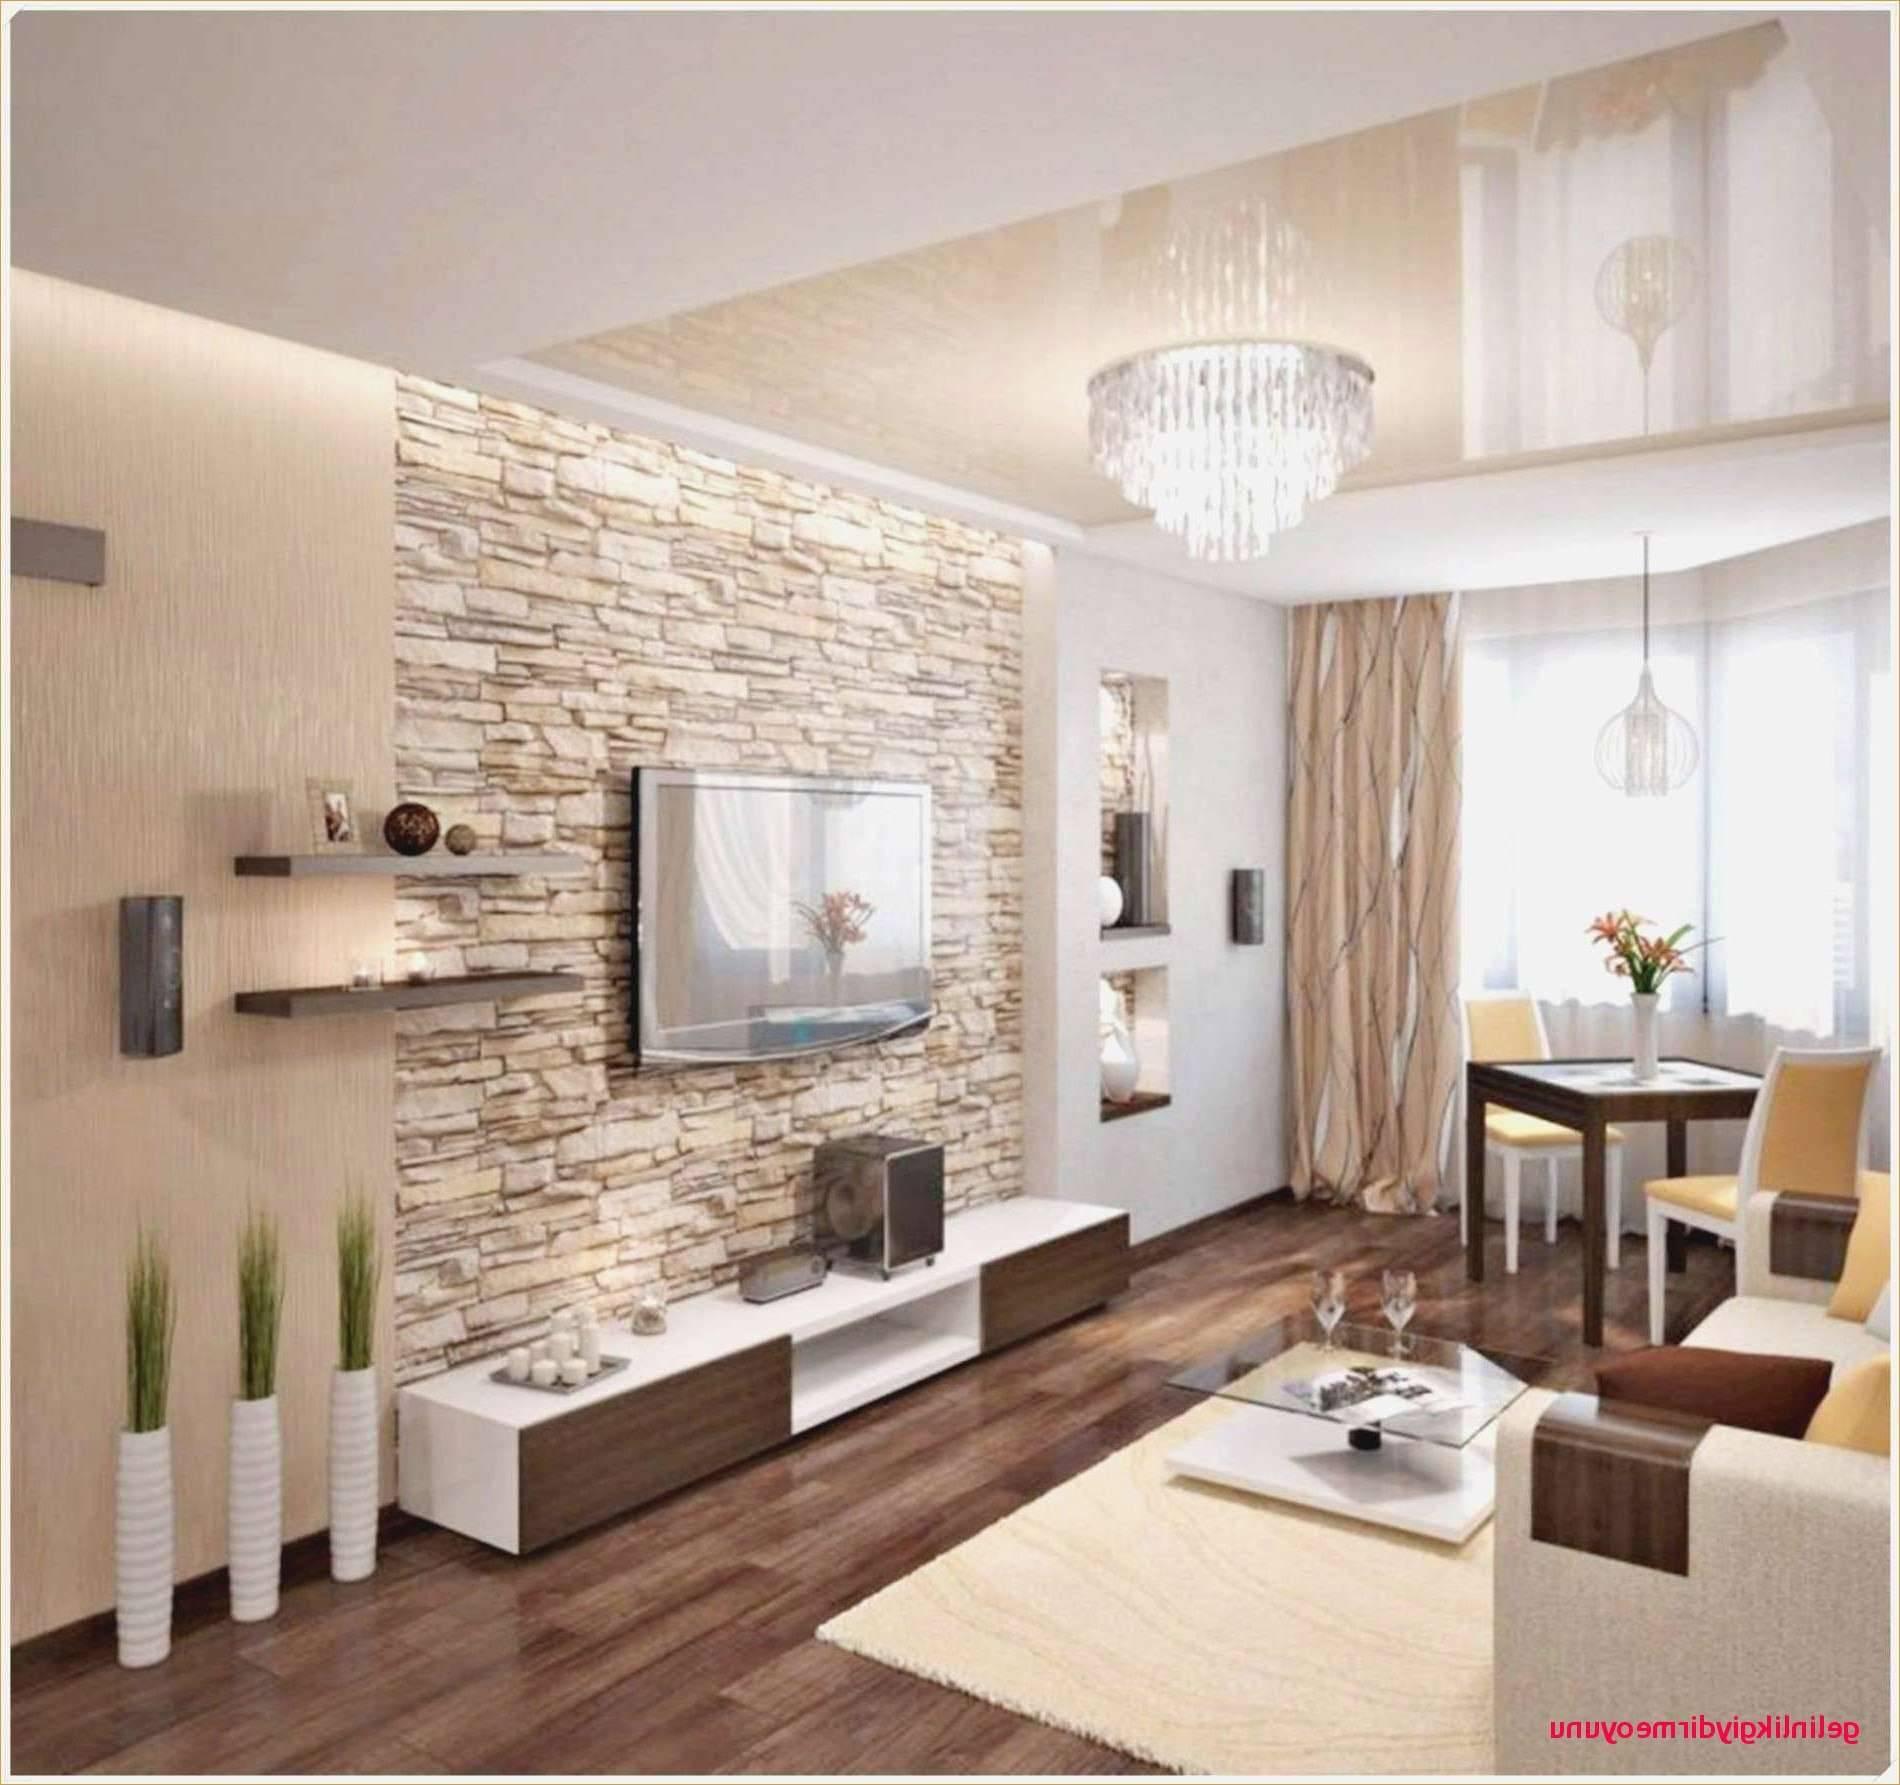 holzbalken wohnzimmer modern super 45 inspirierend dekorieren mit holz bild of holzbalken wohnzimmer modern